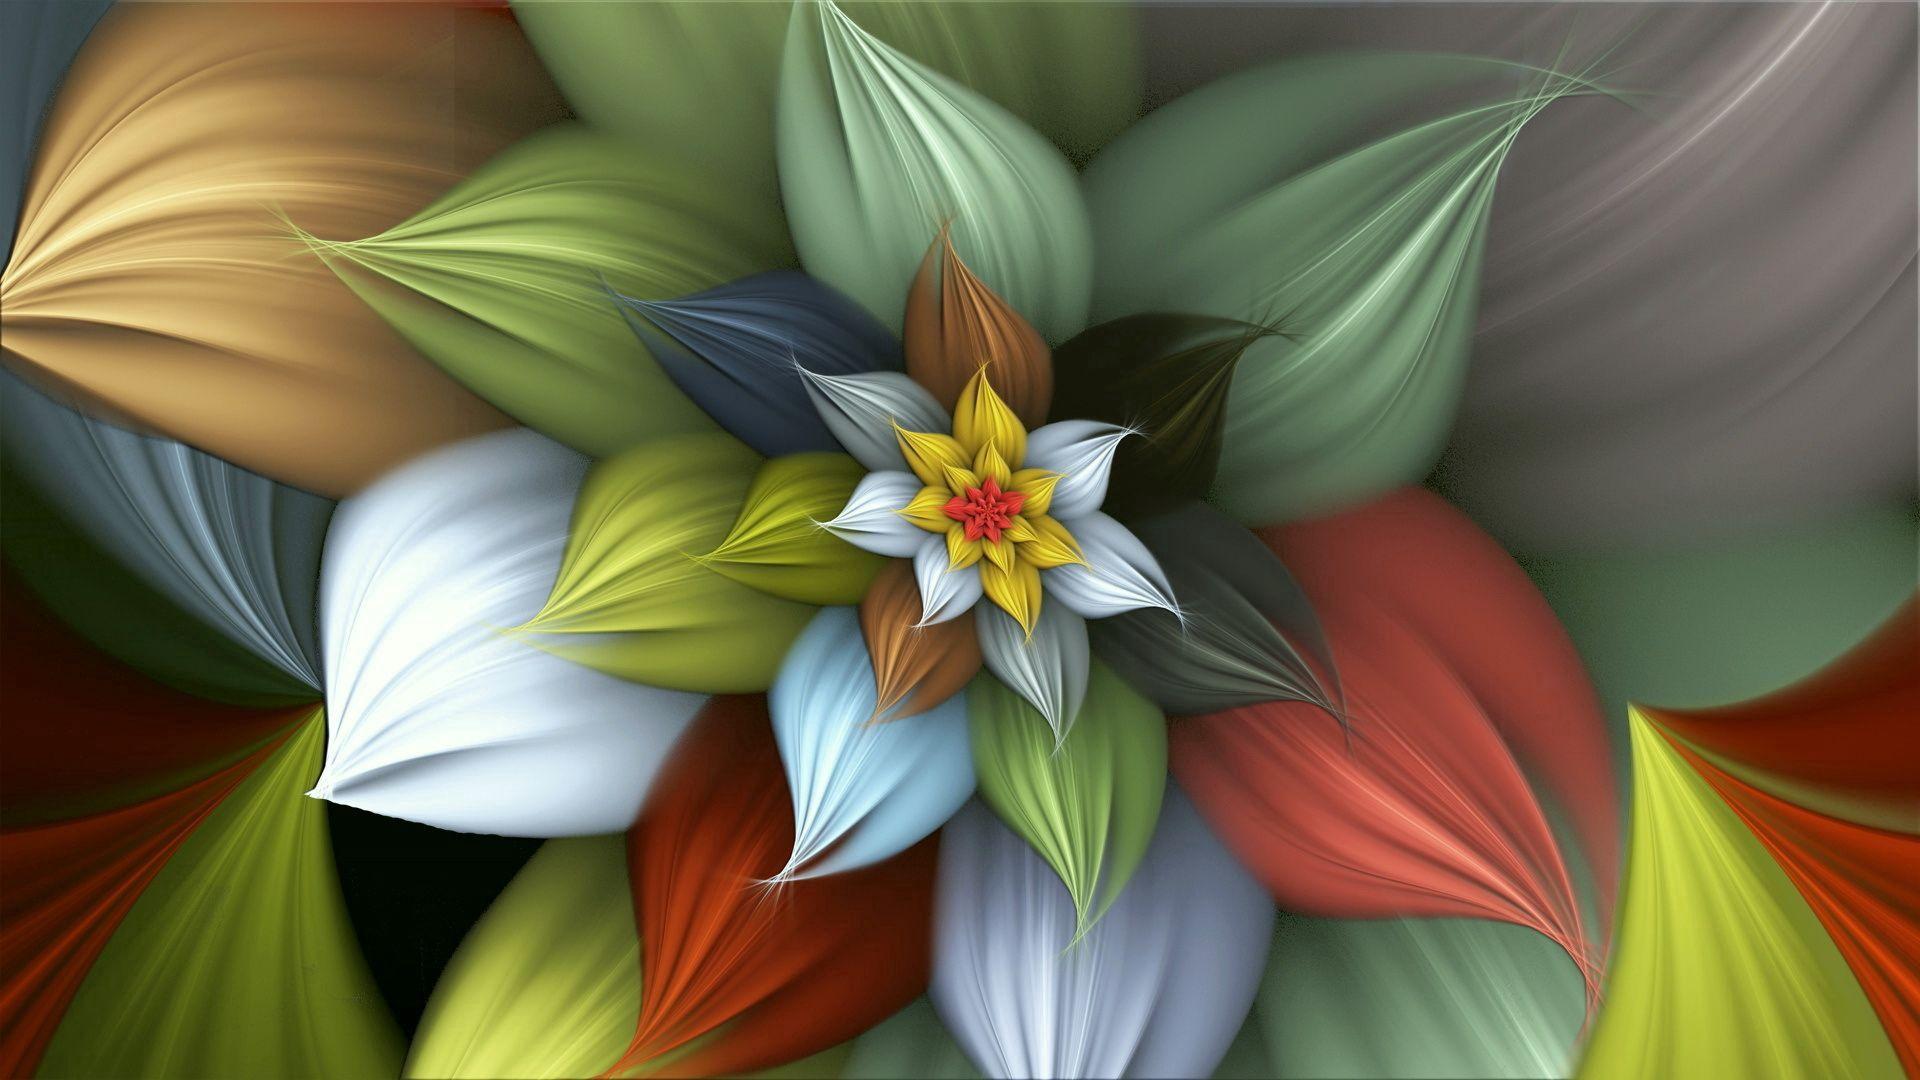 125394 скачать обои Абстракция, Цветок, Фон, Разноцветный, Красочный, Дымовой - заставки и картинки бесплатно